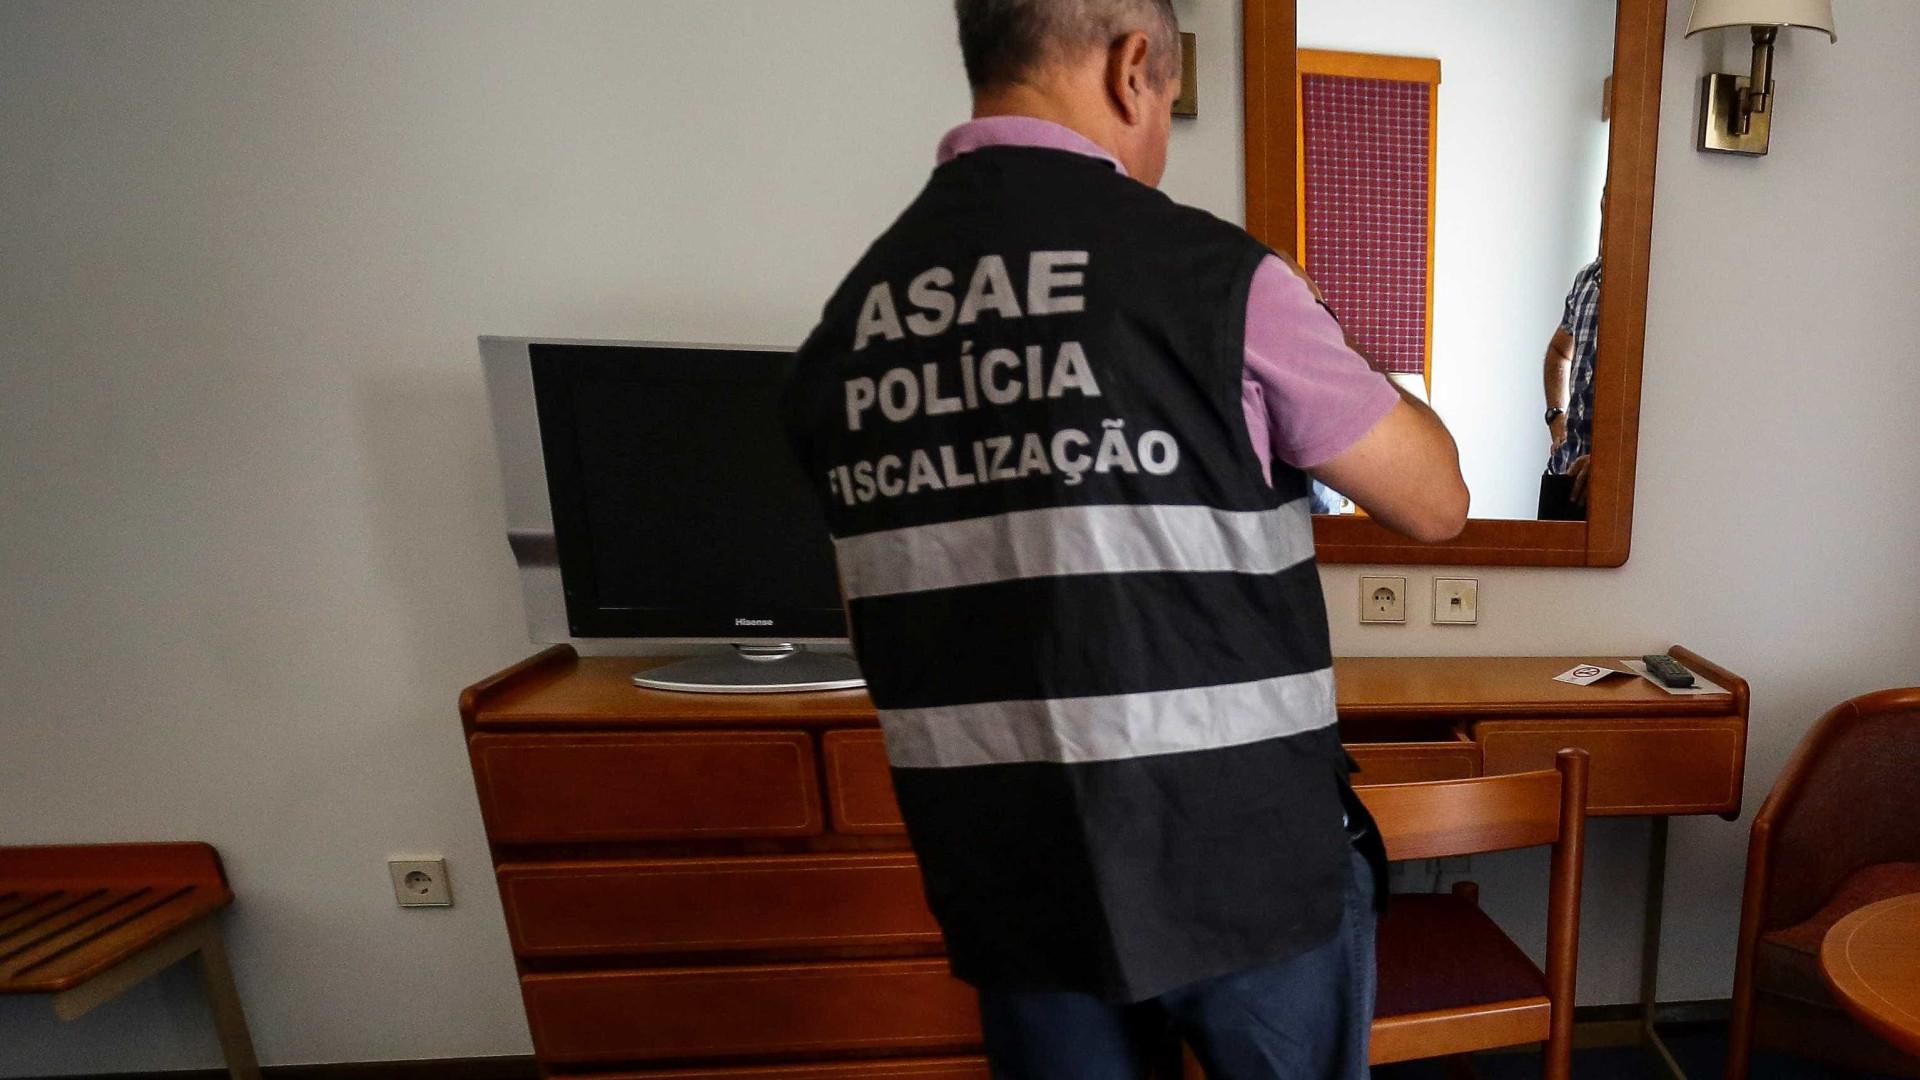 ASAE volta a doar peças de vestuário apreendidas em fiscalizações